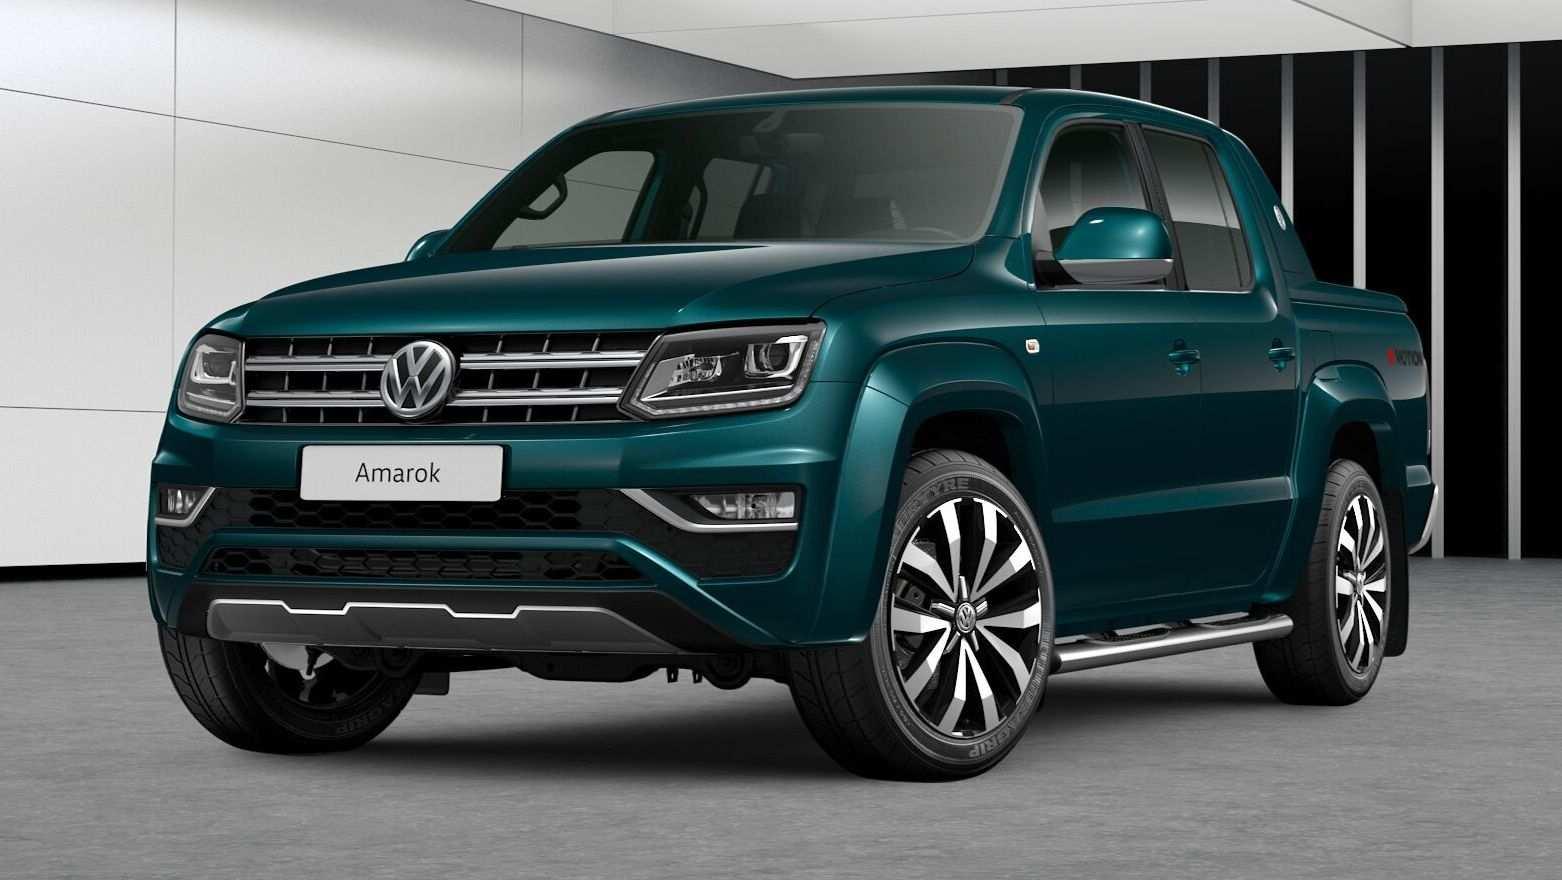 65 New 2020 Volkswagen Truck Spy Shoot with 2020 Volkswagen Truck